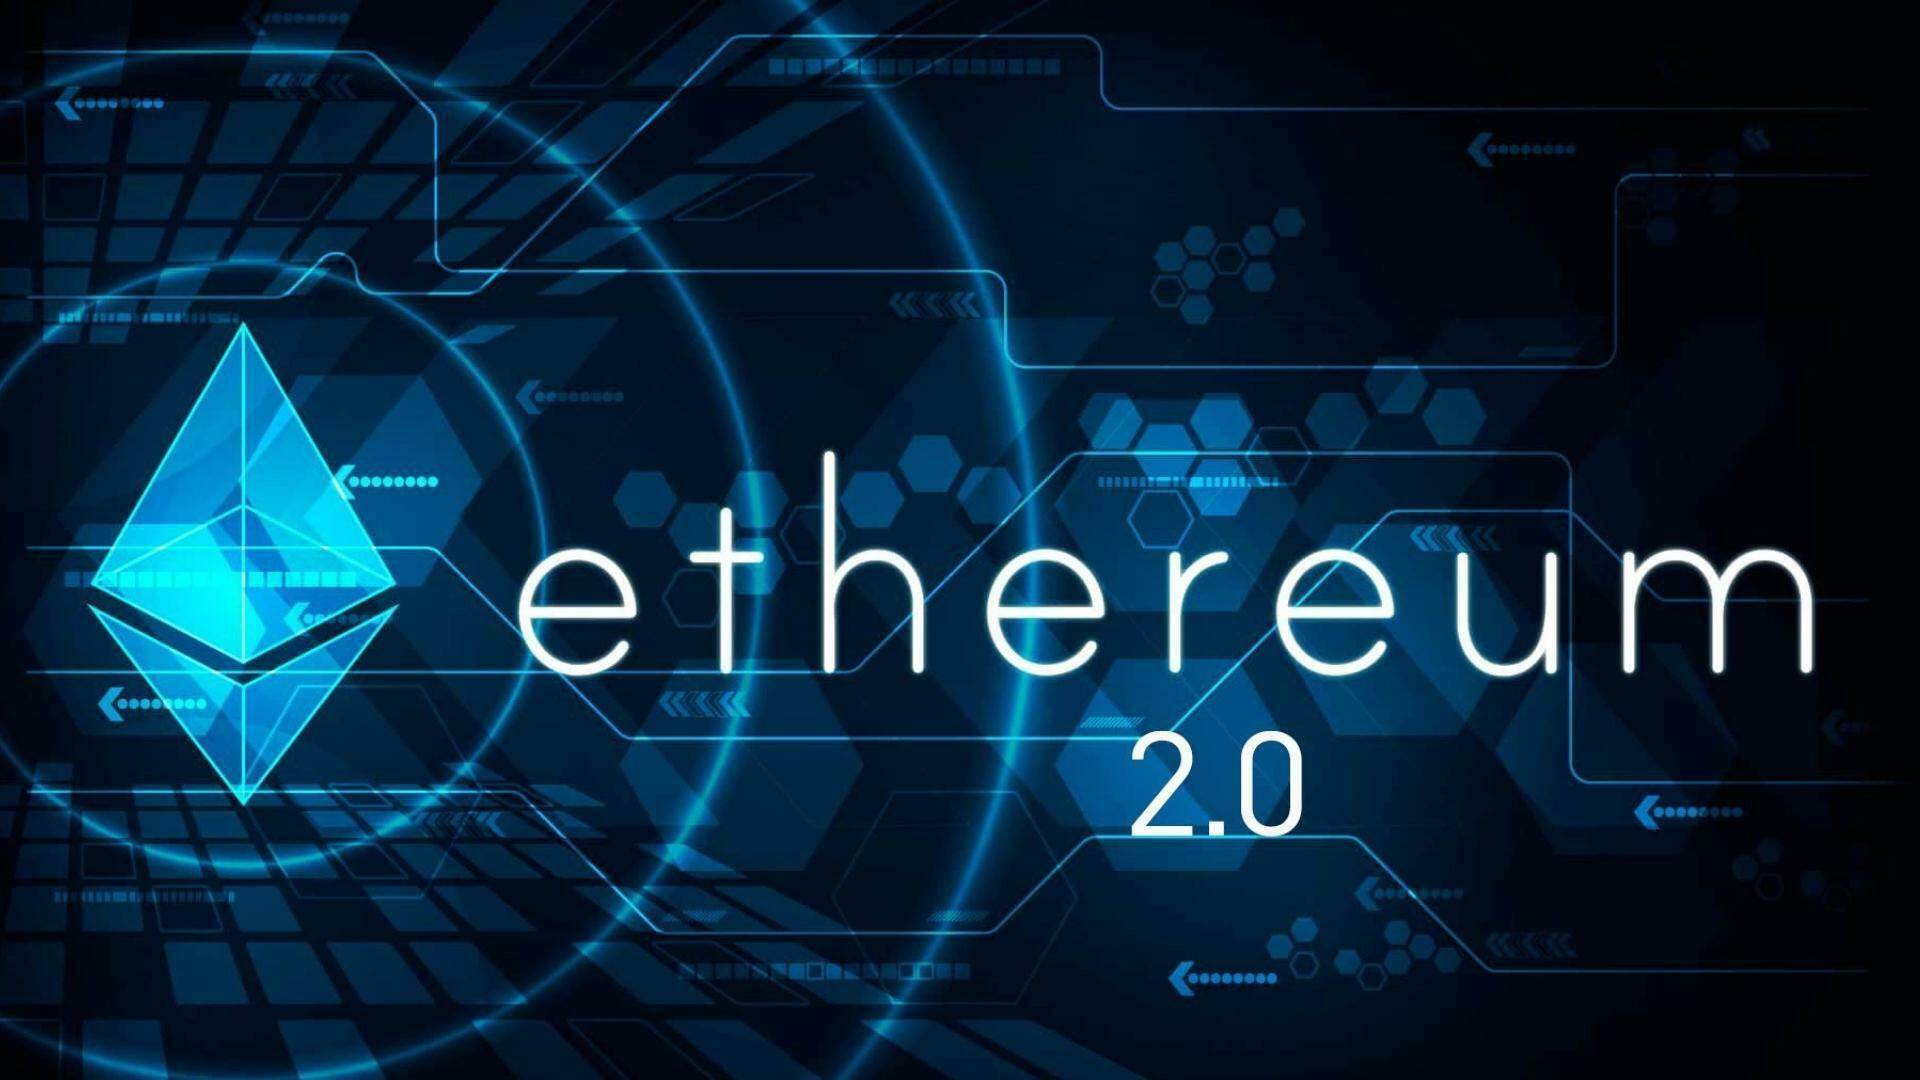 Yeni Ethereum 2.0 Testnet Başarıyla Başlatıldı